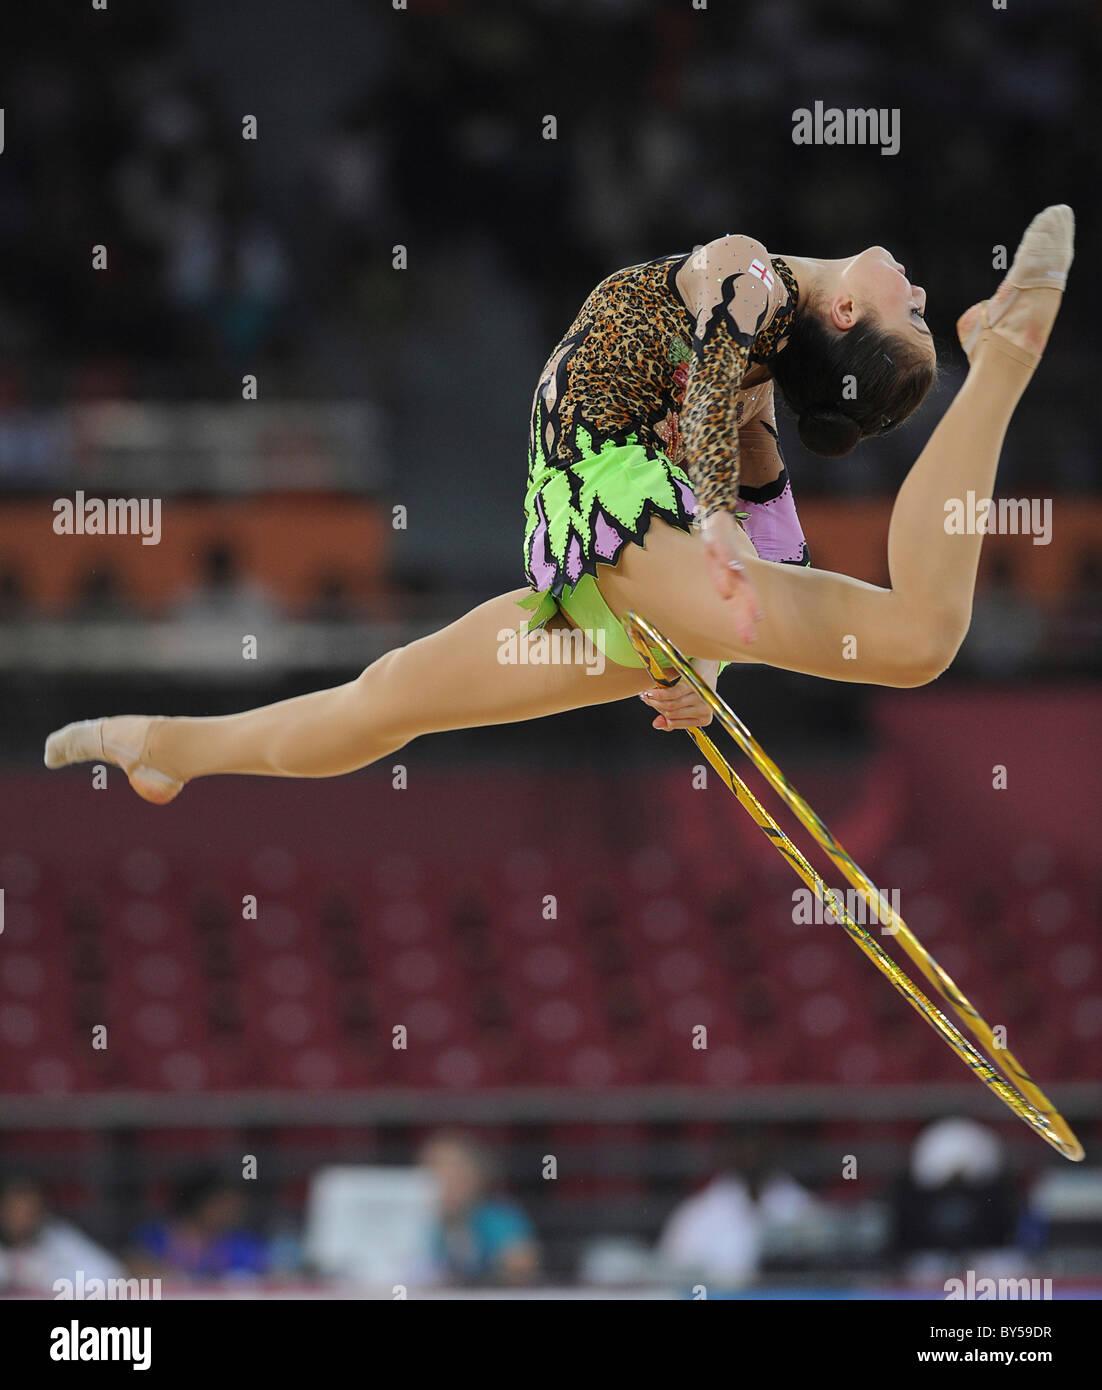 India Delhi 2010 XIX Juegos de la Commonwealth de gimnasia rítmica. El gimnasta y el aro. Imagen De Stock